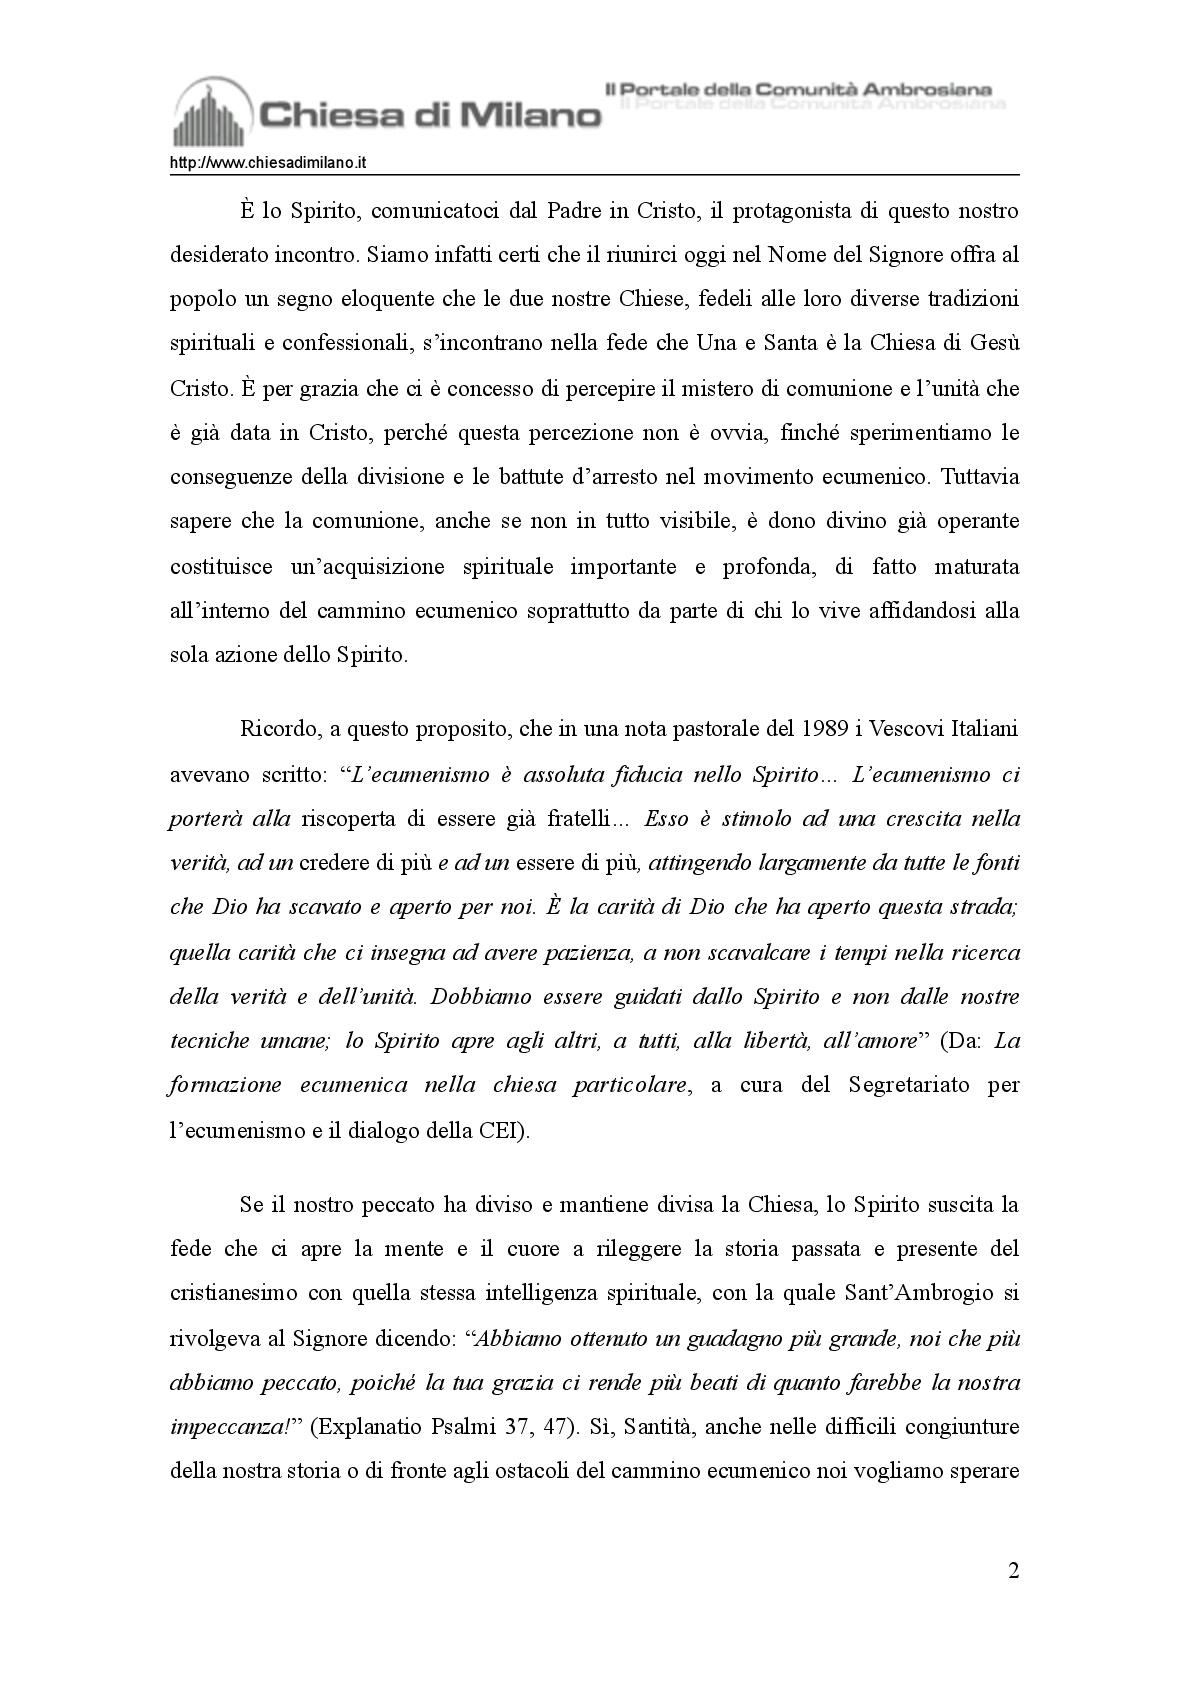 6-discorso-di-Tettamanzi-a-Mosca-002